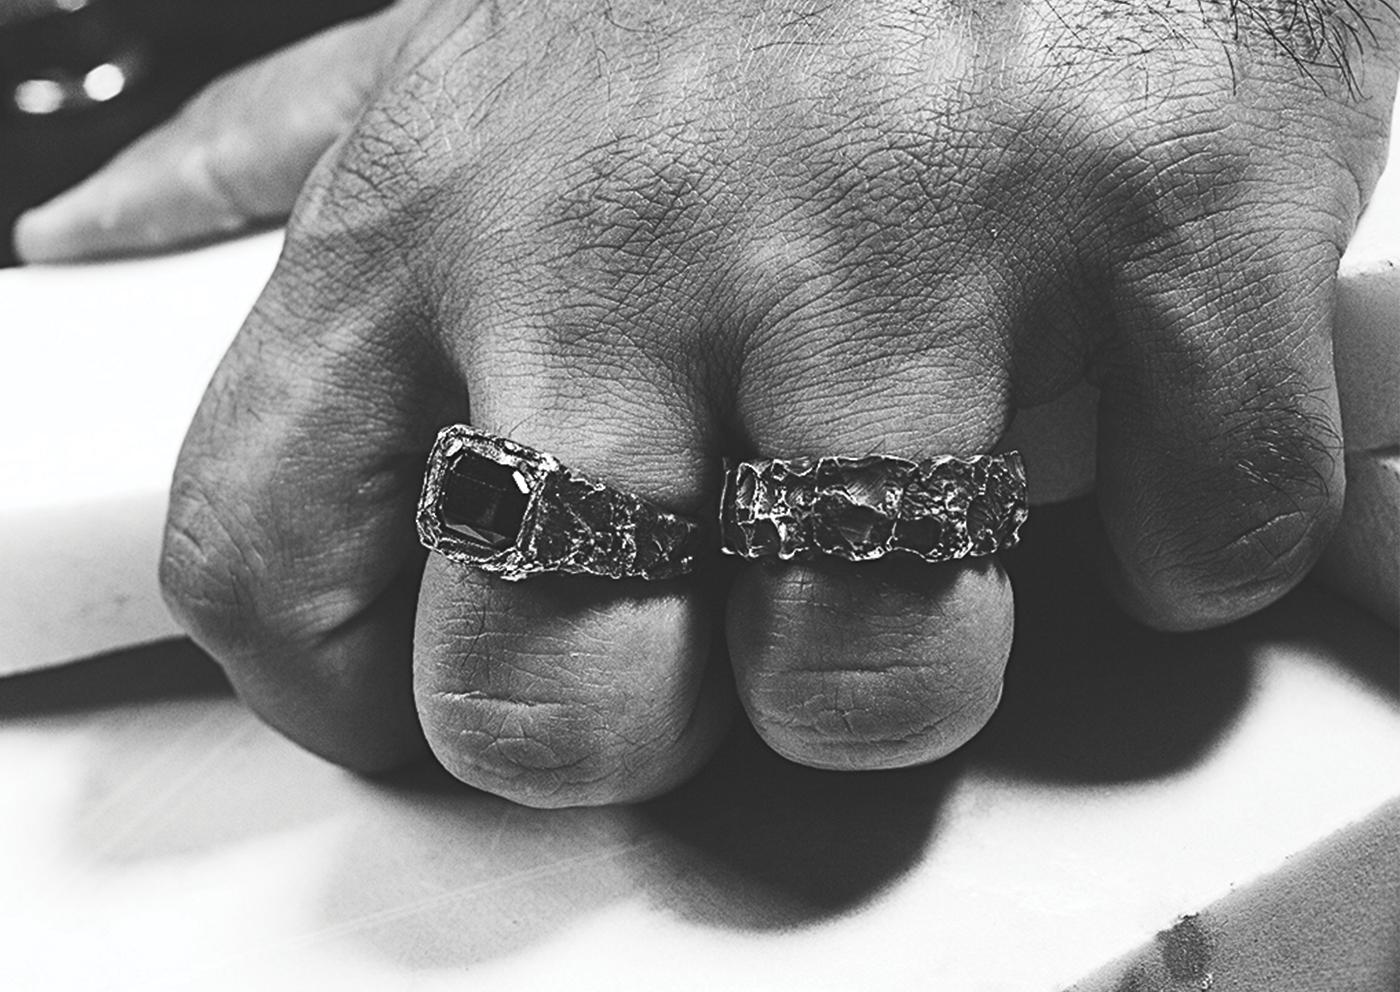 anello_argento_rawsen_54 promozione Rawsen per la Festa del Papà anelli personalizzabili